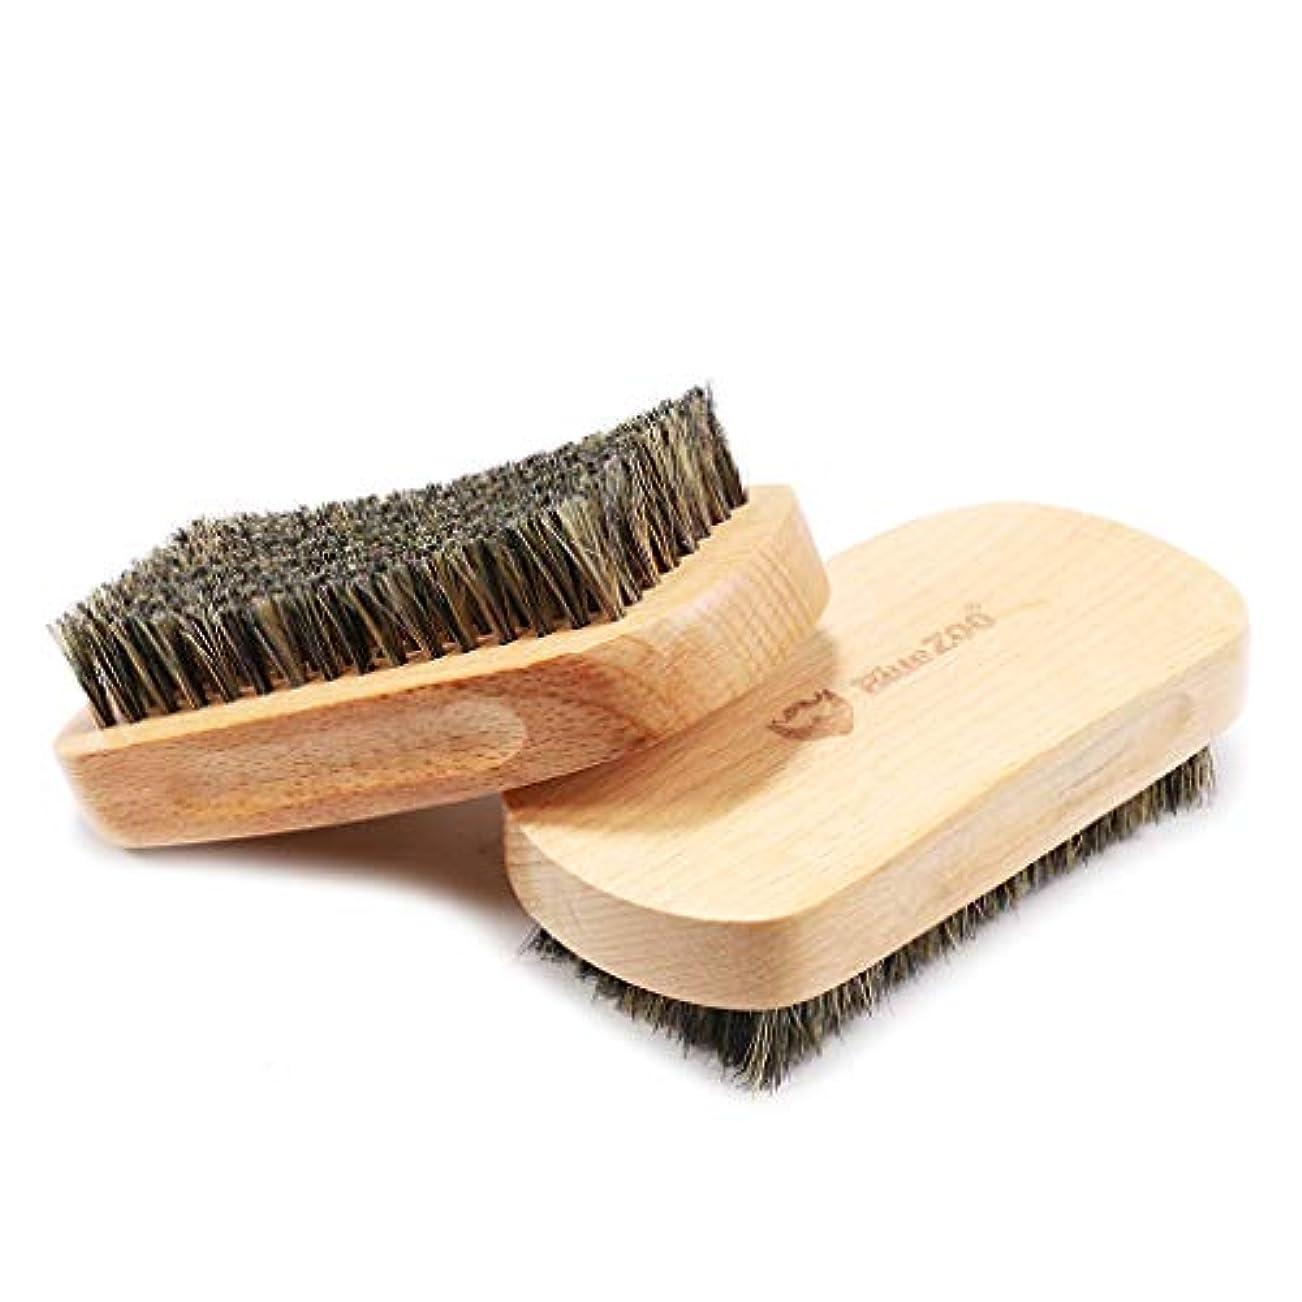 壁警告保護するシェービングブラシ メンズ 理容 洗顔 髭剃り ひげブラシ 散髪整理 理髪用 首/顔 髭剃り